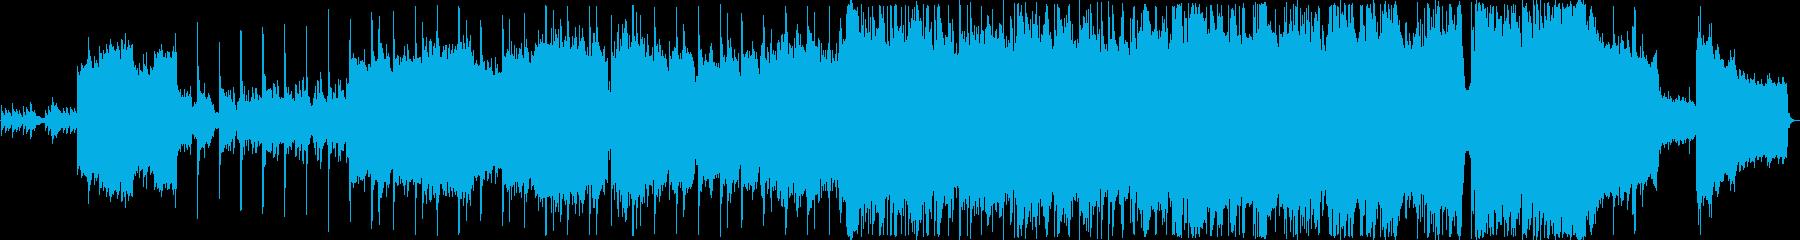 ファンタジーな雰囲気のバラードの再生済みの波形